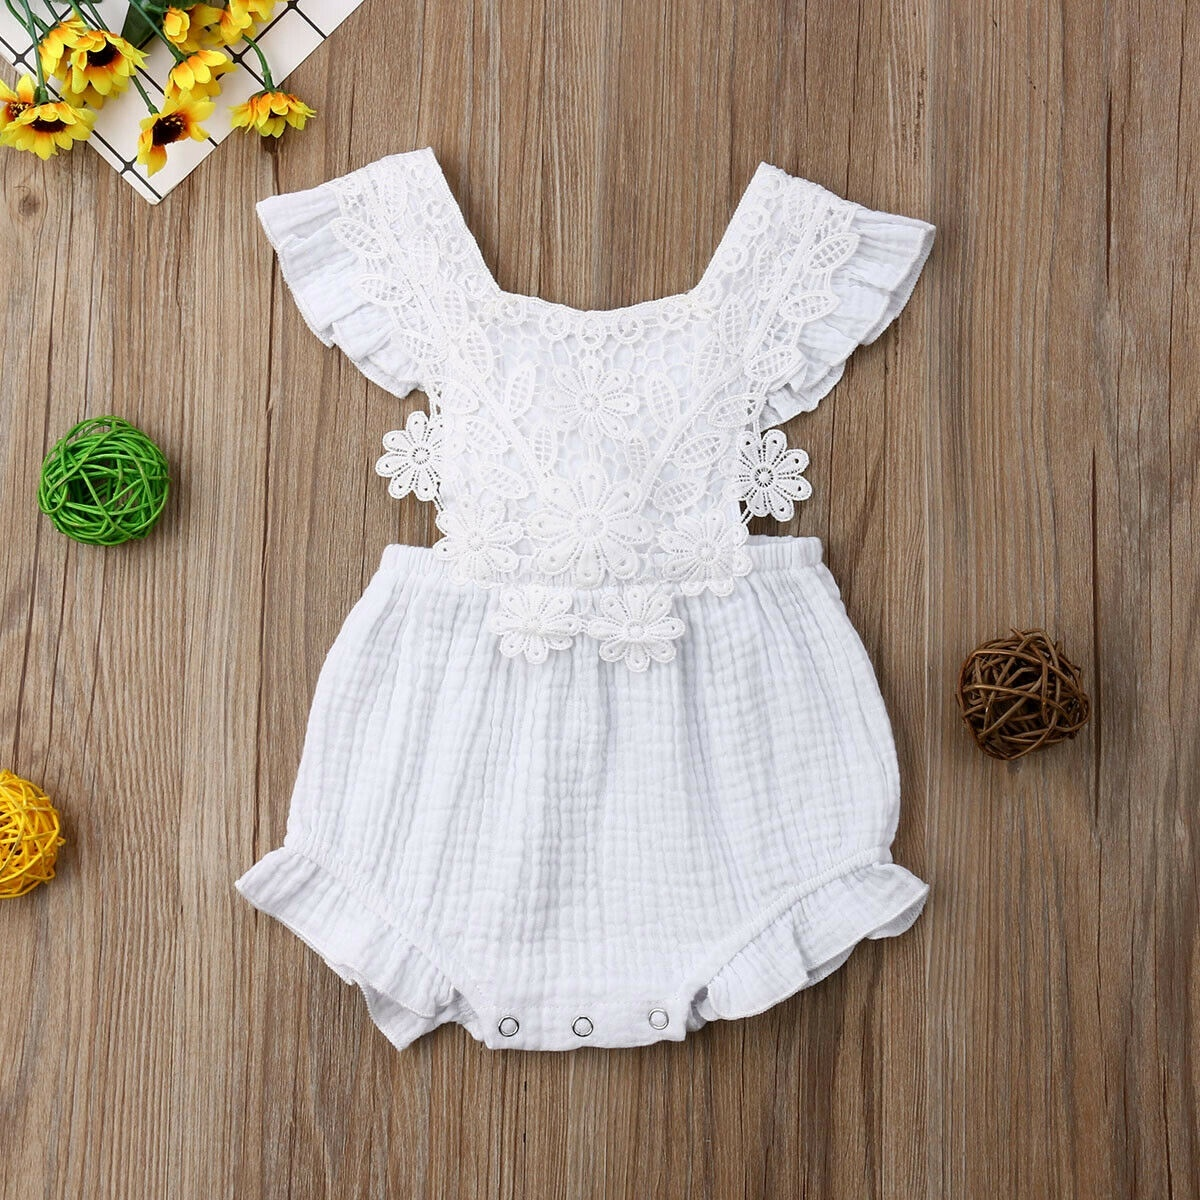 Newborn Baby Girls Lace Princess Romper Bodysuit Jumpsuit Outfit Sunsuit Clothes